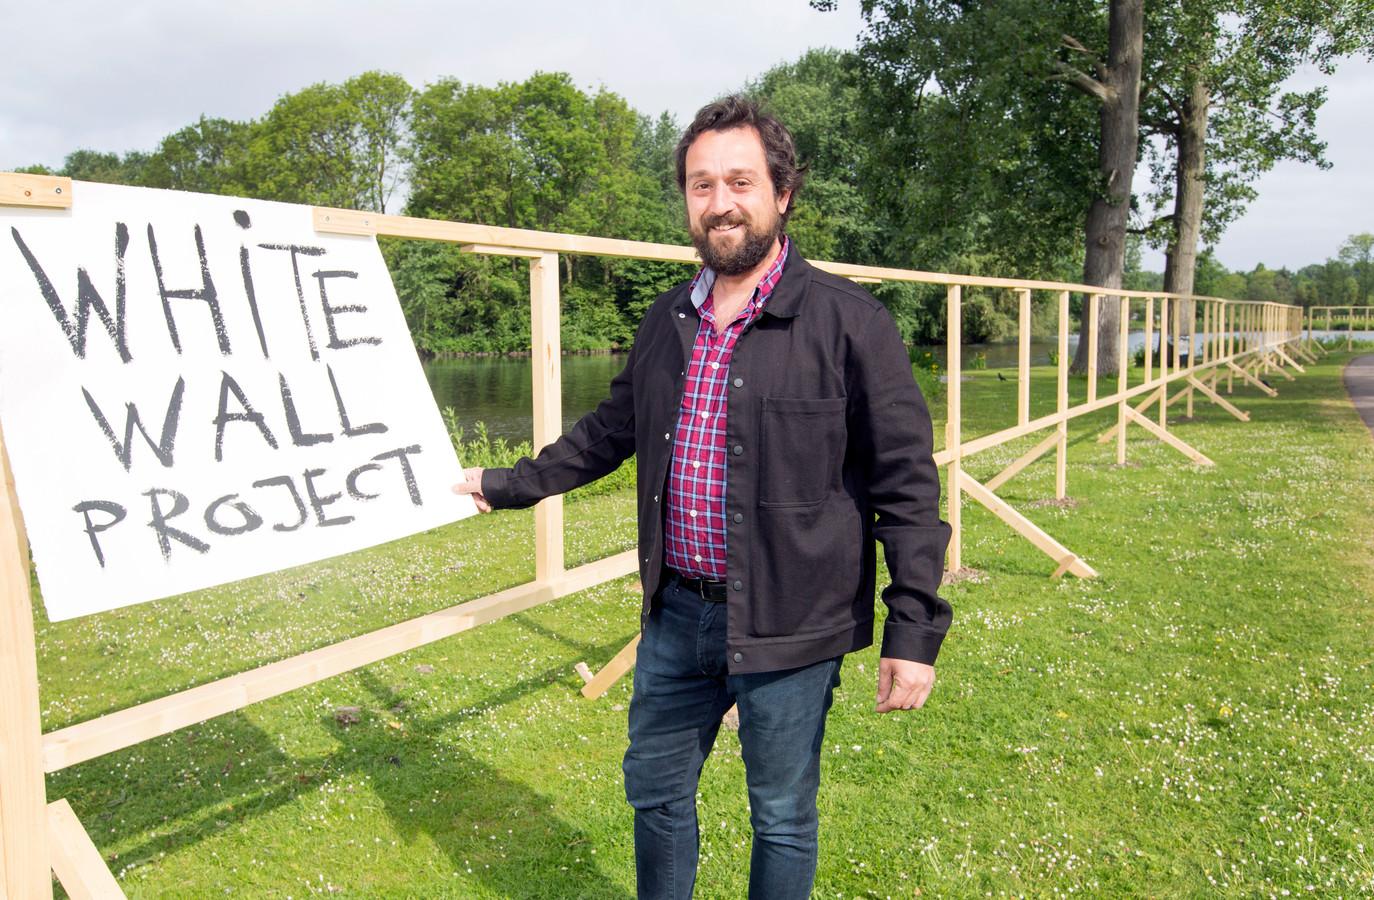 Het Project The White Wall Is Kindje Van Kunstenaar Paco Dalmau